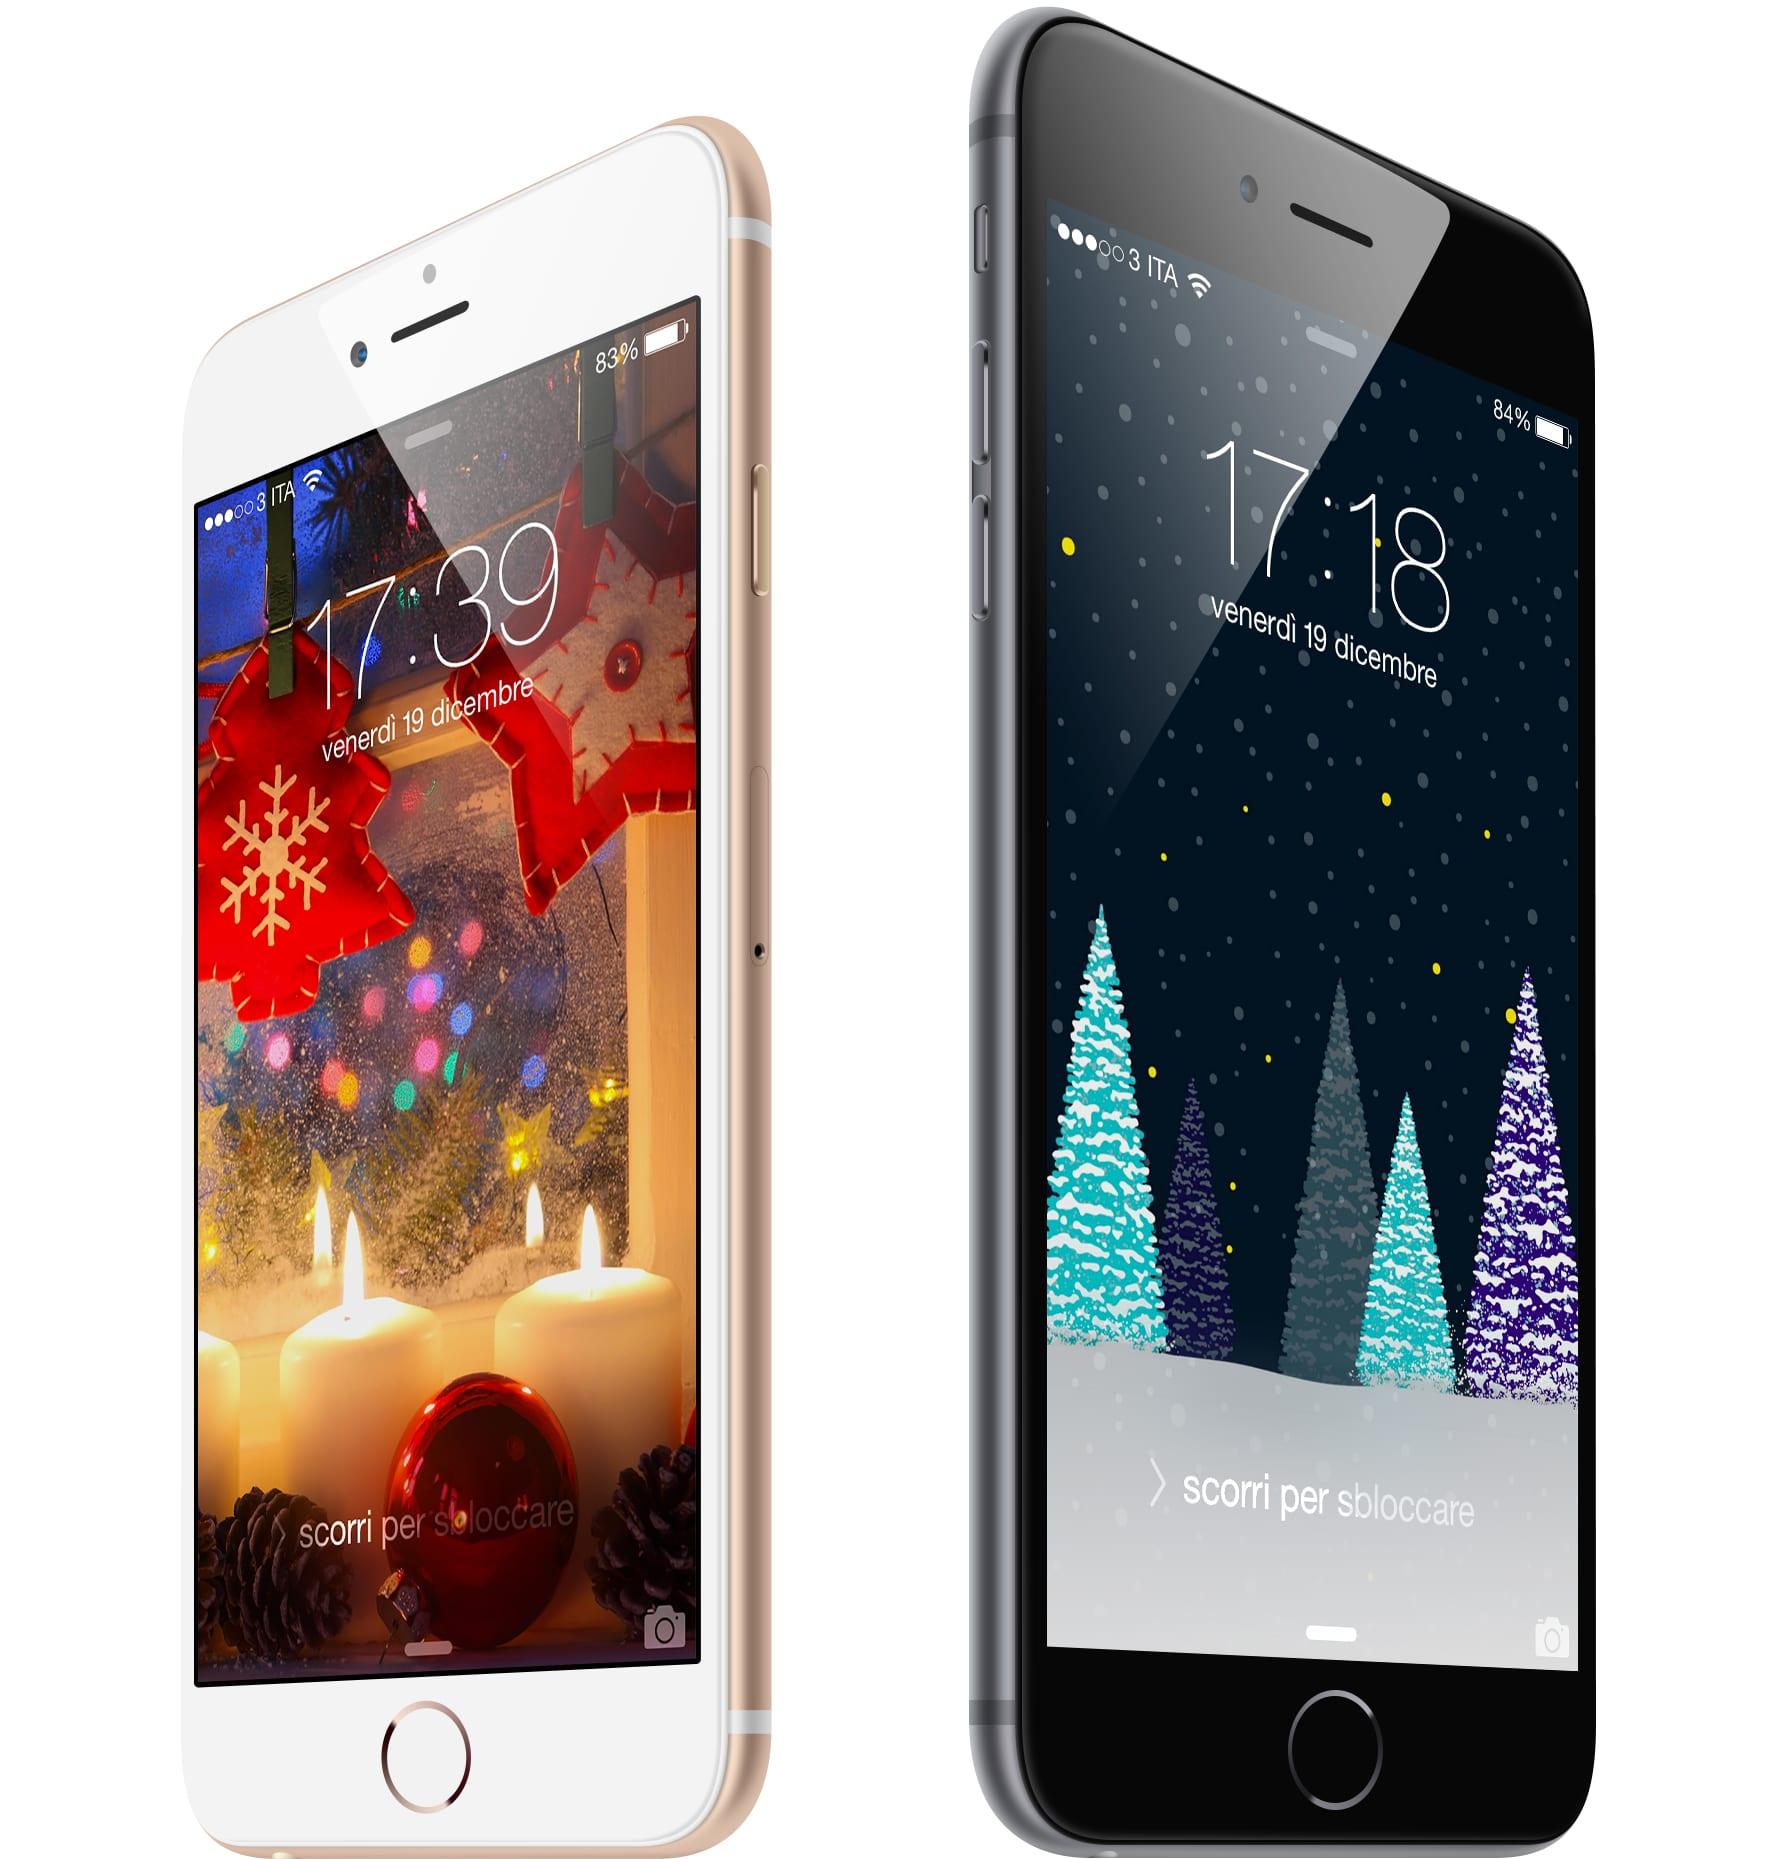 #WallpaperSelection #51: Scarica Gratis tre Sfondi Natalizi iSpazio per il tuo iPhone ed iPad [DOWNLOAD]